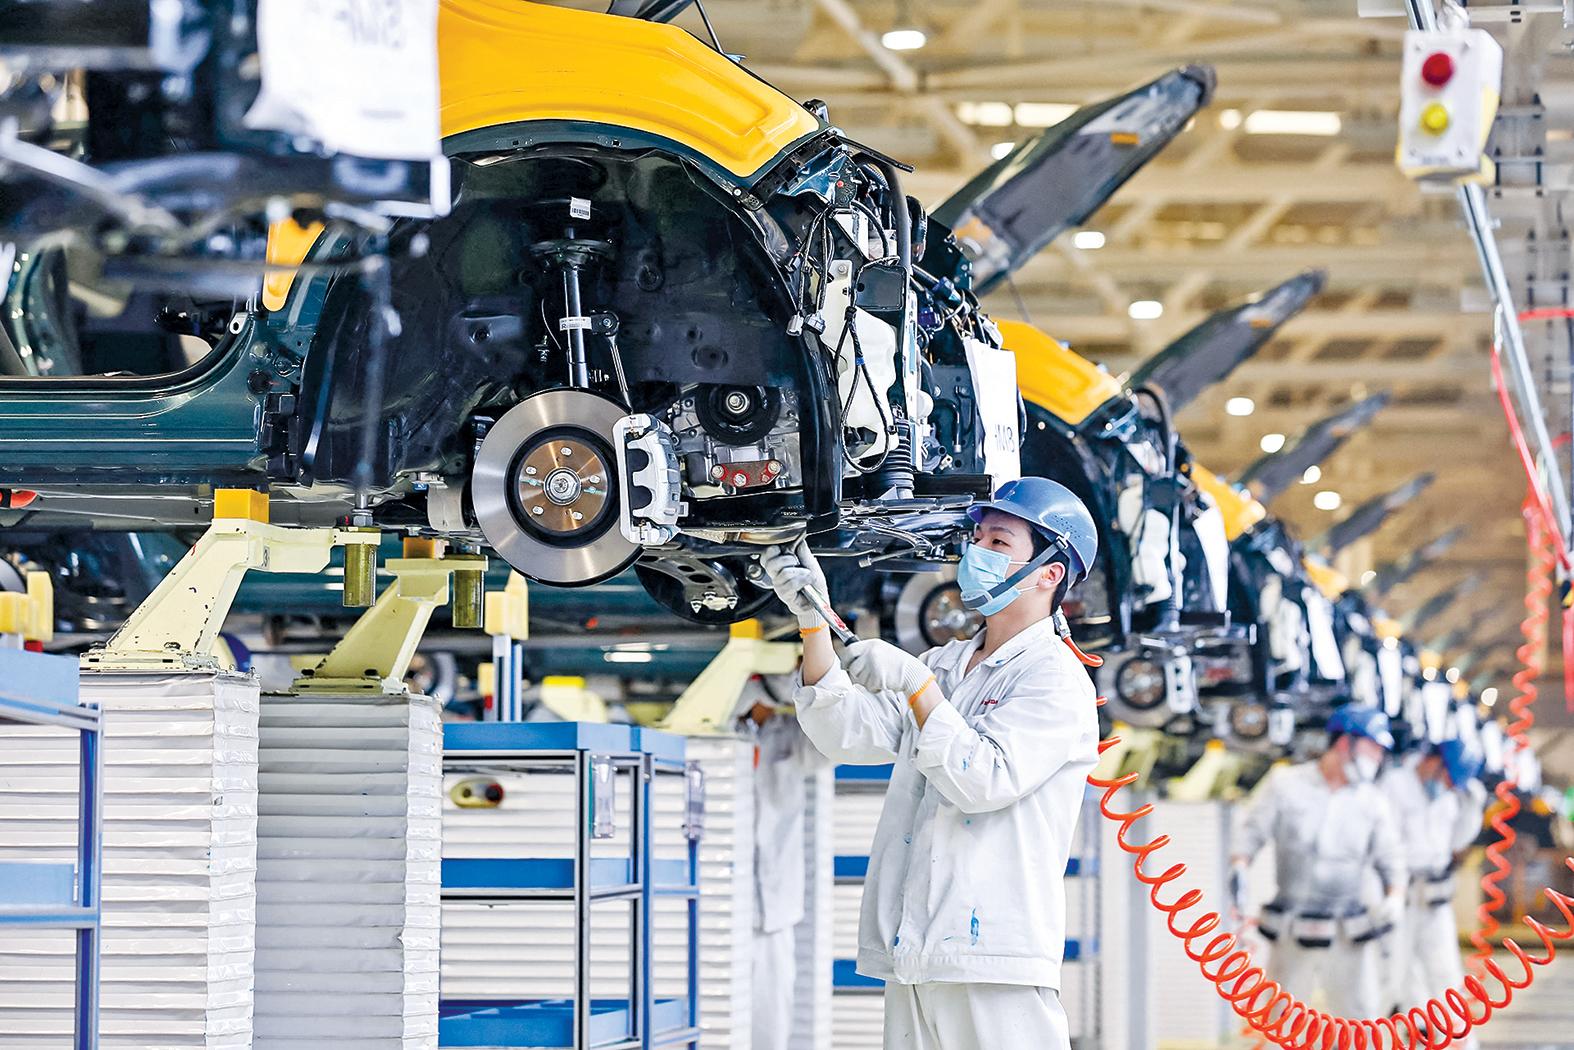 中共最害怕恐懼的第五項-經濟脫鉤。圖為湖北省武漢市東風本田汽車廠的裝配線。(Getty Images)